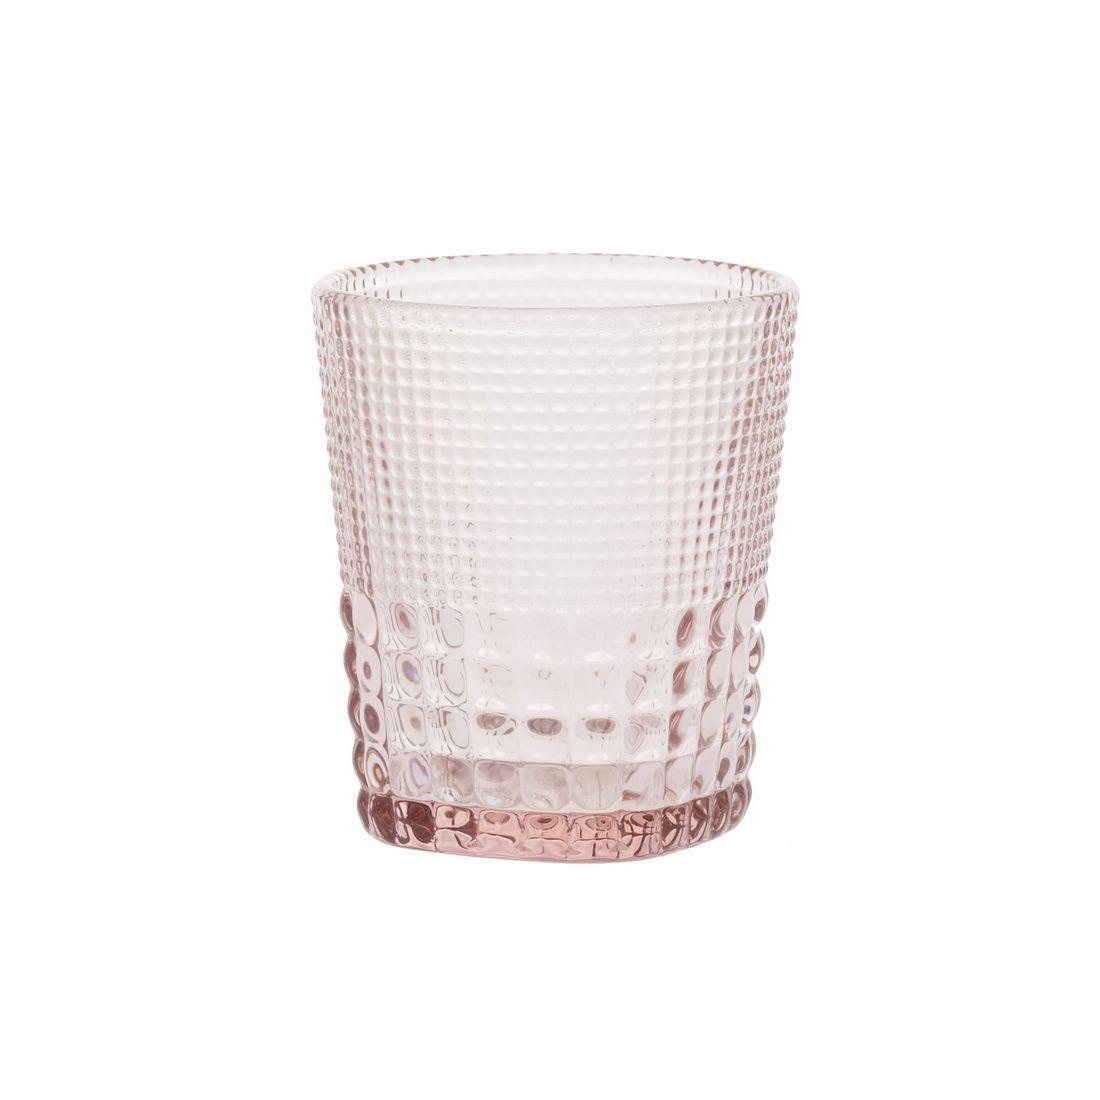 Стакан для напитков Royal drops, розовыйНе только полезным, но и красивым элементом сервировки праздничного и повседневного стола станет стакан для напитков Ройял дропс. Он создан компанией Магиа Густо и подходит практически для любых напитков – вина, чая, сока, воды. Стакан Ройял дропс изготовлен из розового стекла с рельефными насечками на стенках, что обеспечивает комфорт его использования. Форма изделия близка к цилиндрической, с небольшим расширением к верхней части. Стекло способствует сохранению температуры напитка и легко отмывается.<br>